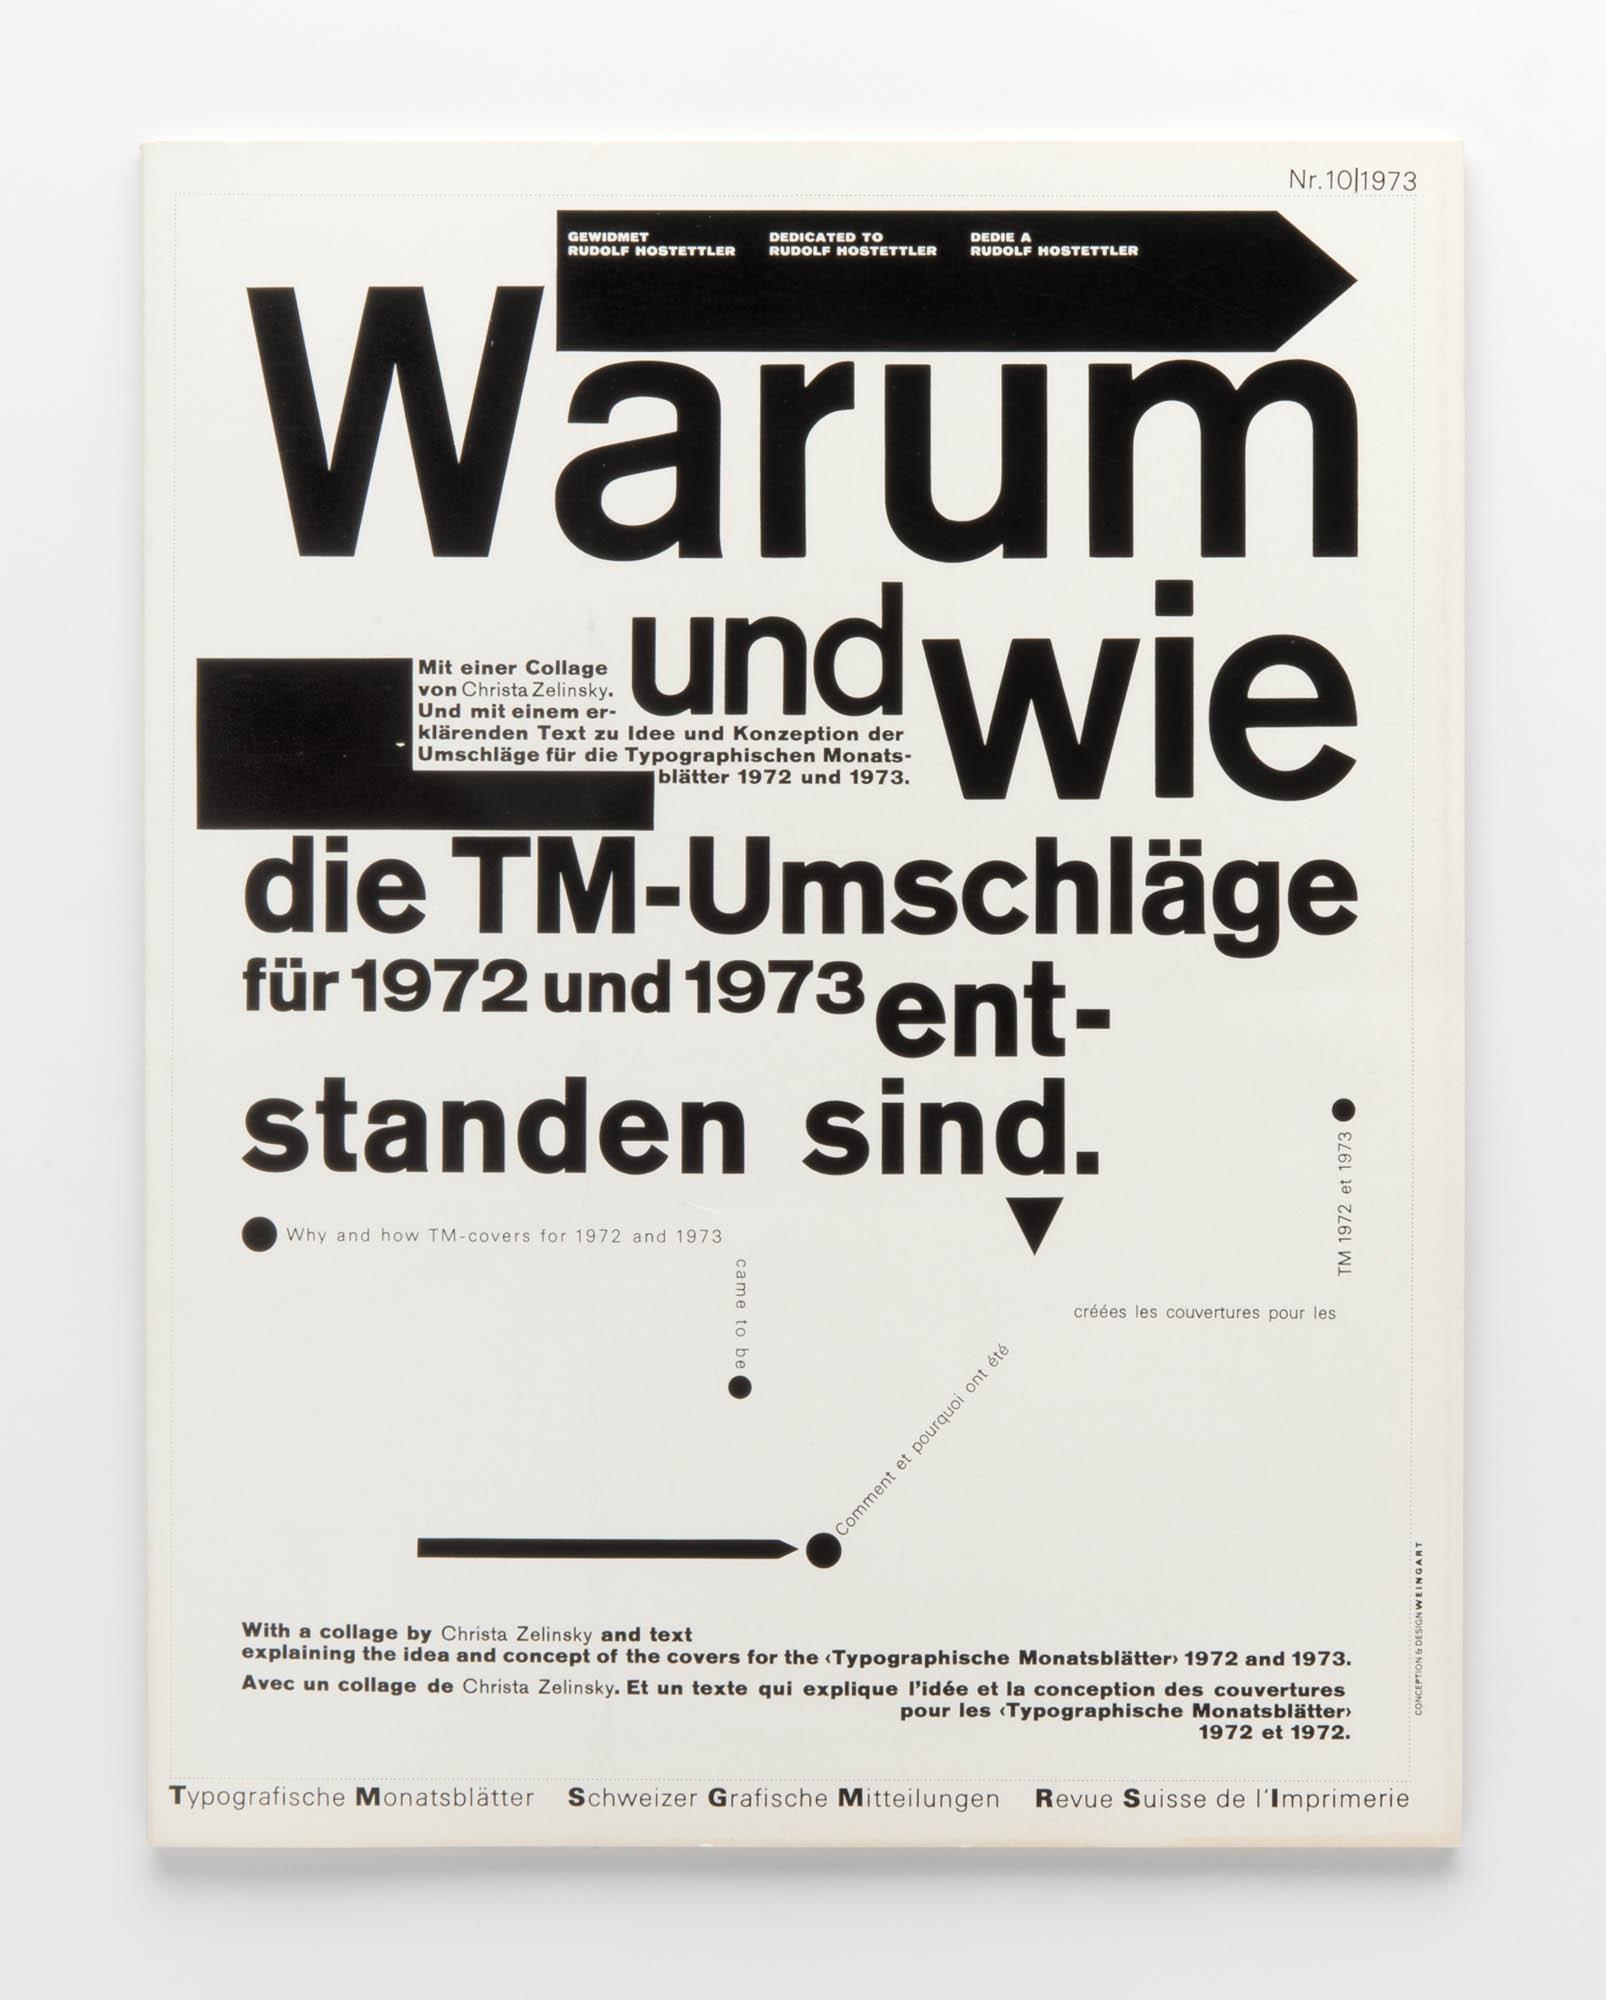 Typografische Monatsblätter 11, 1973 – Typographie kann unter Umständen Kunst sein – Kurt Schwitters: 1924 Wolfgang Weingart Magazine